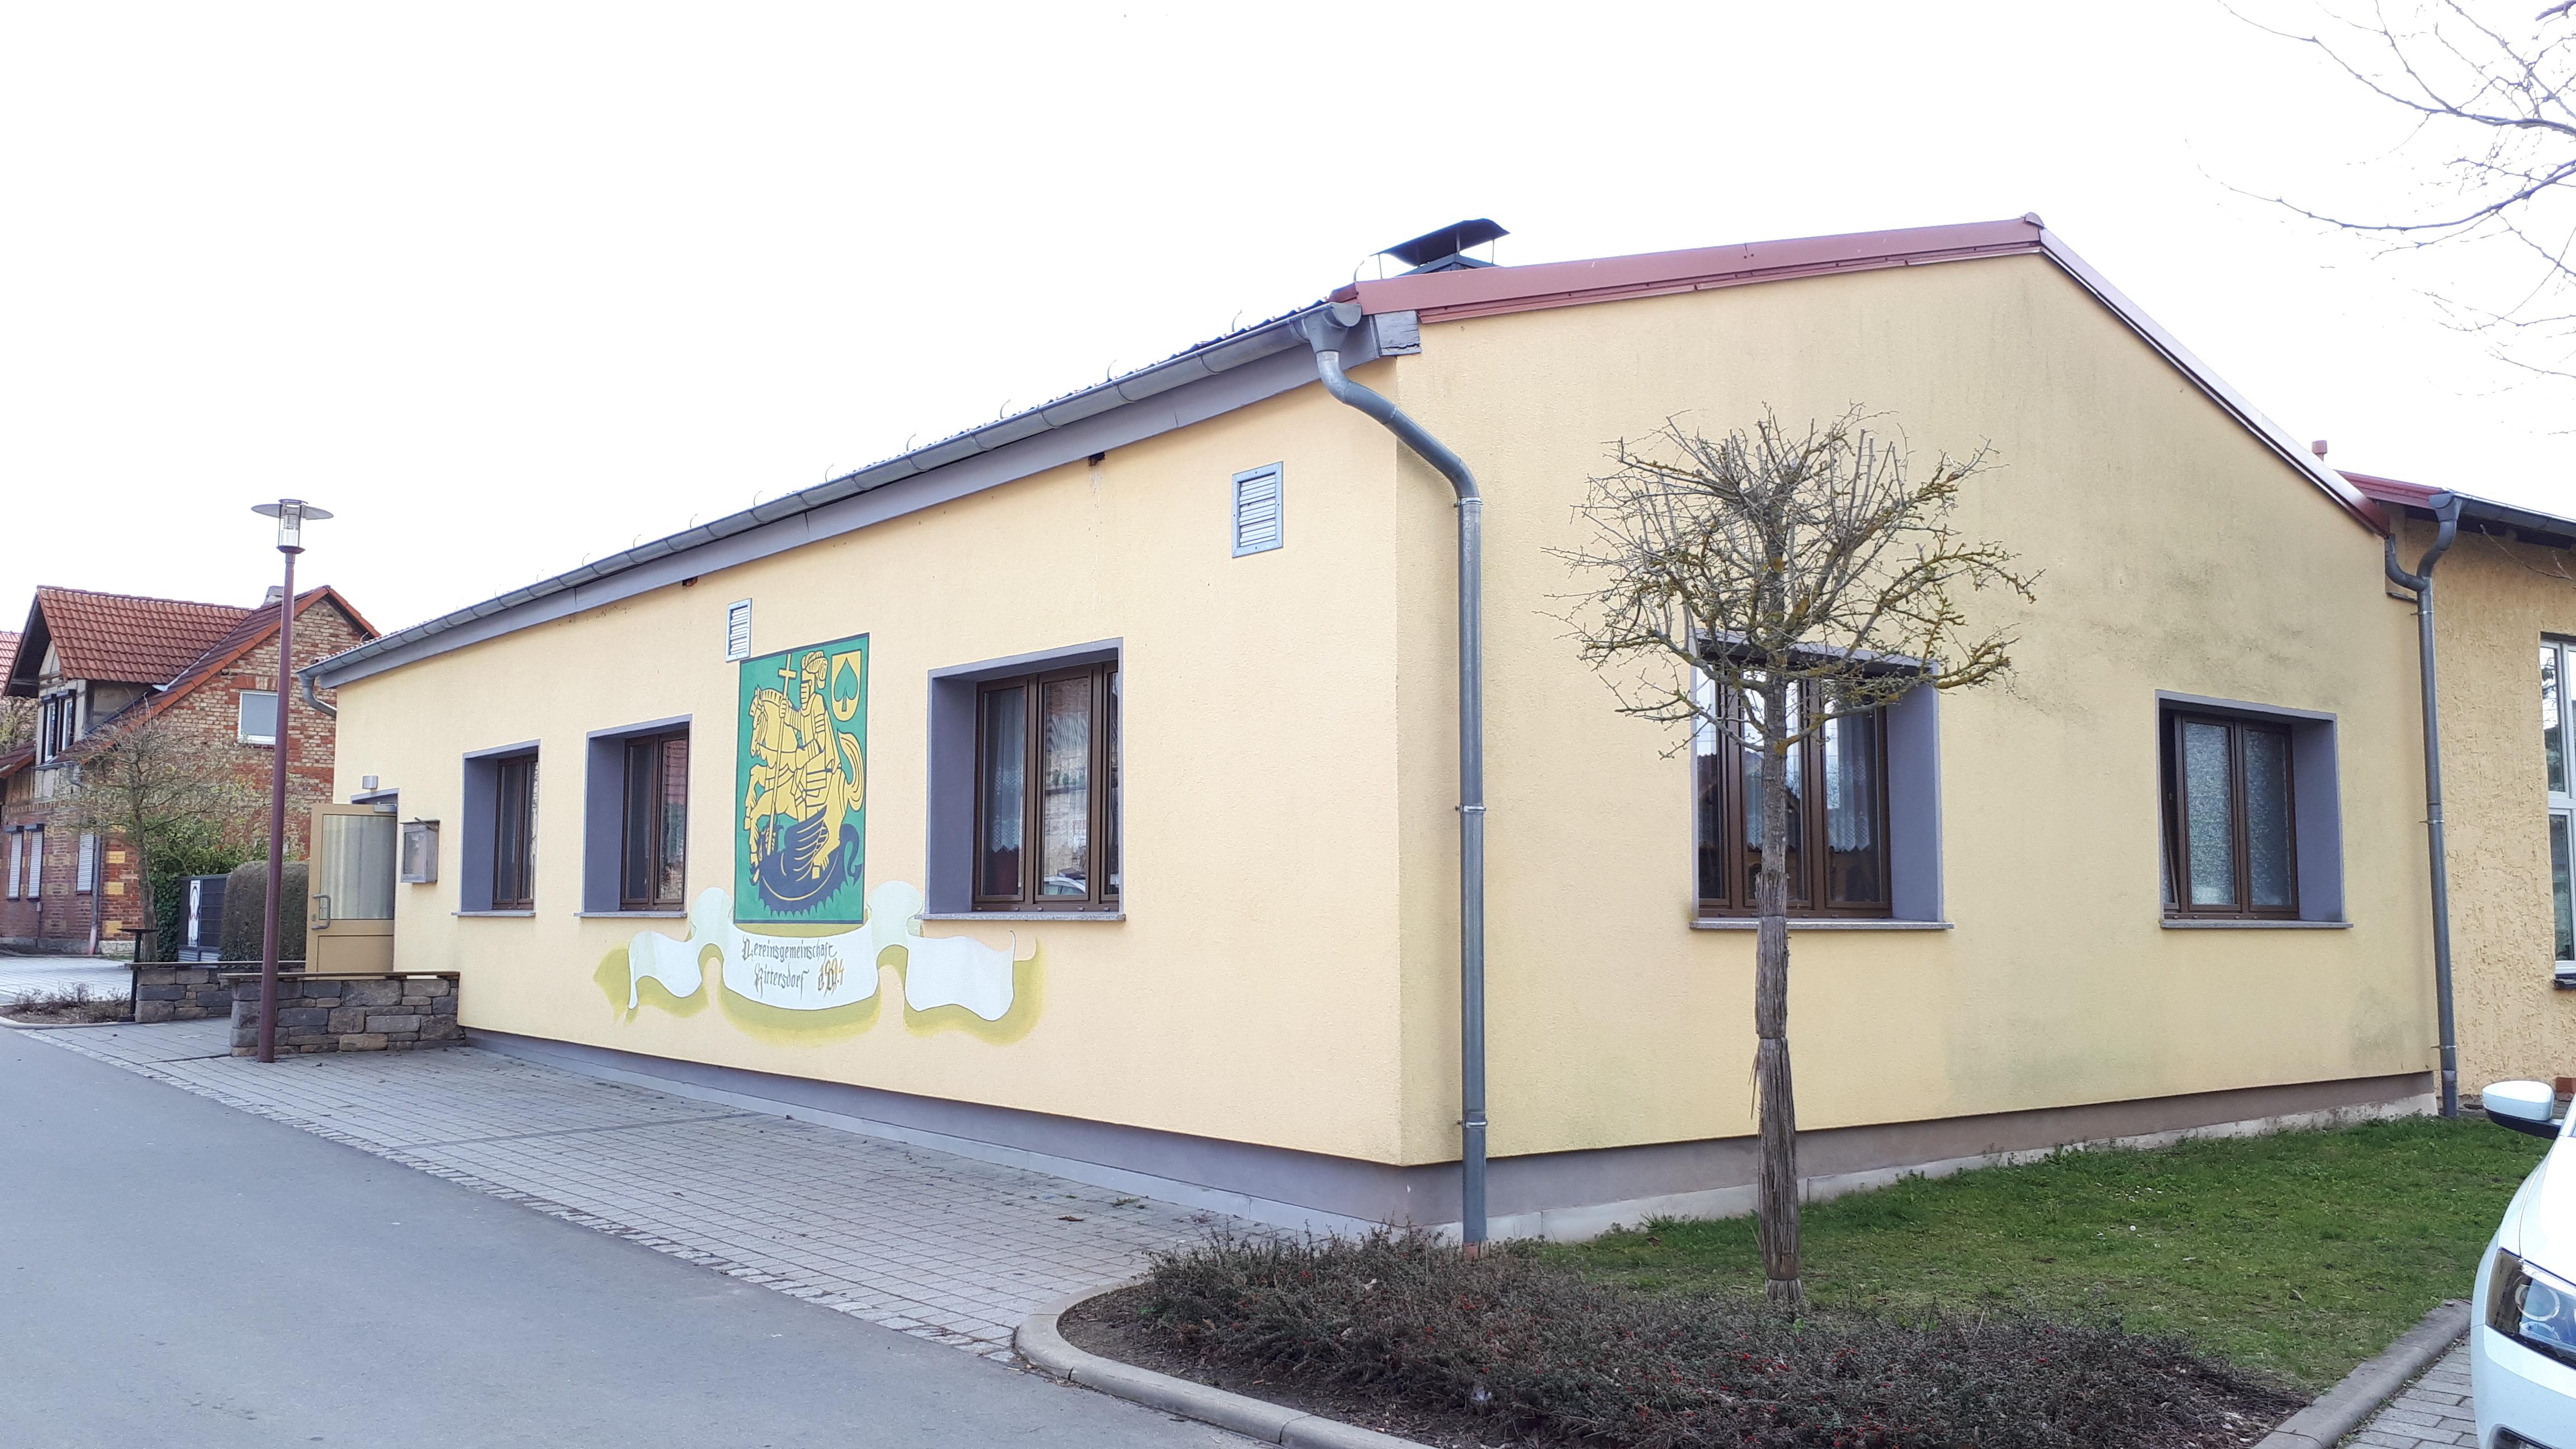 Gemeindezentrum Rittersdorf (RAG Weimarer Land - Mittelthüringen e.V.)